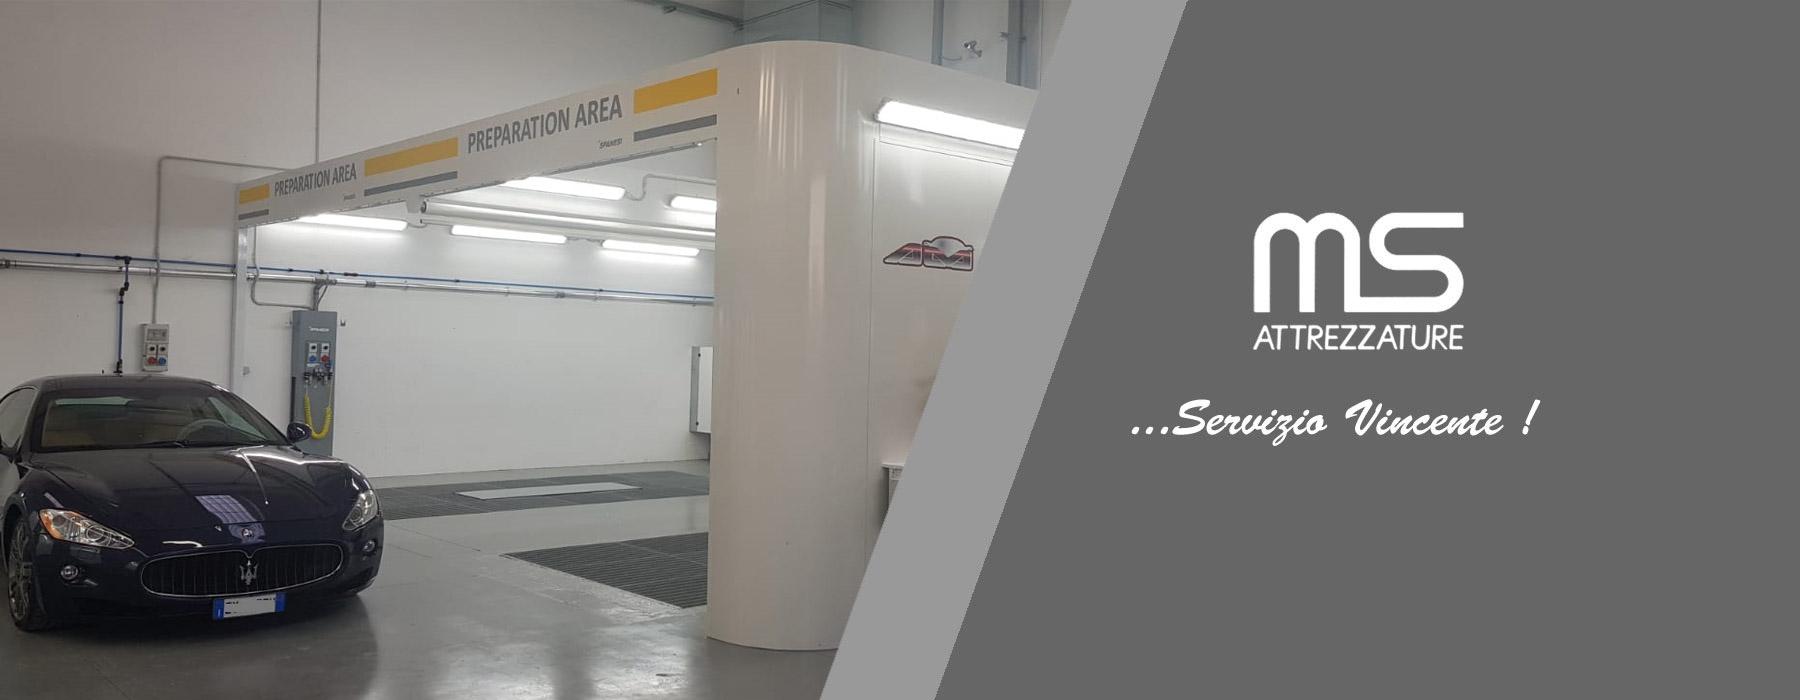 slide_20190527_1